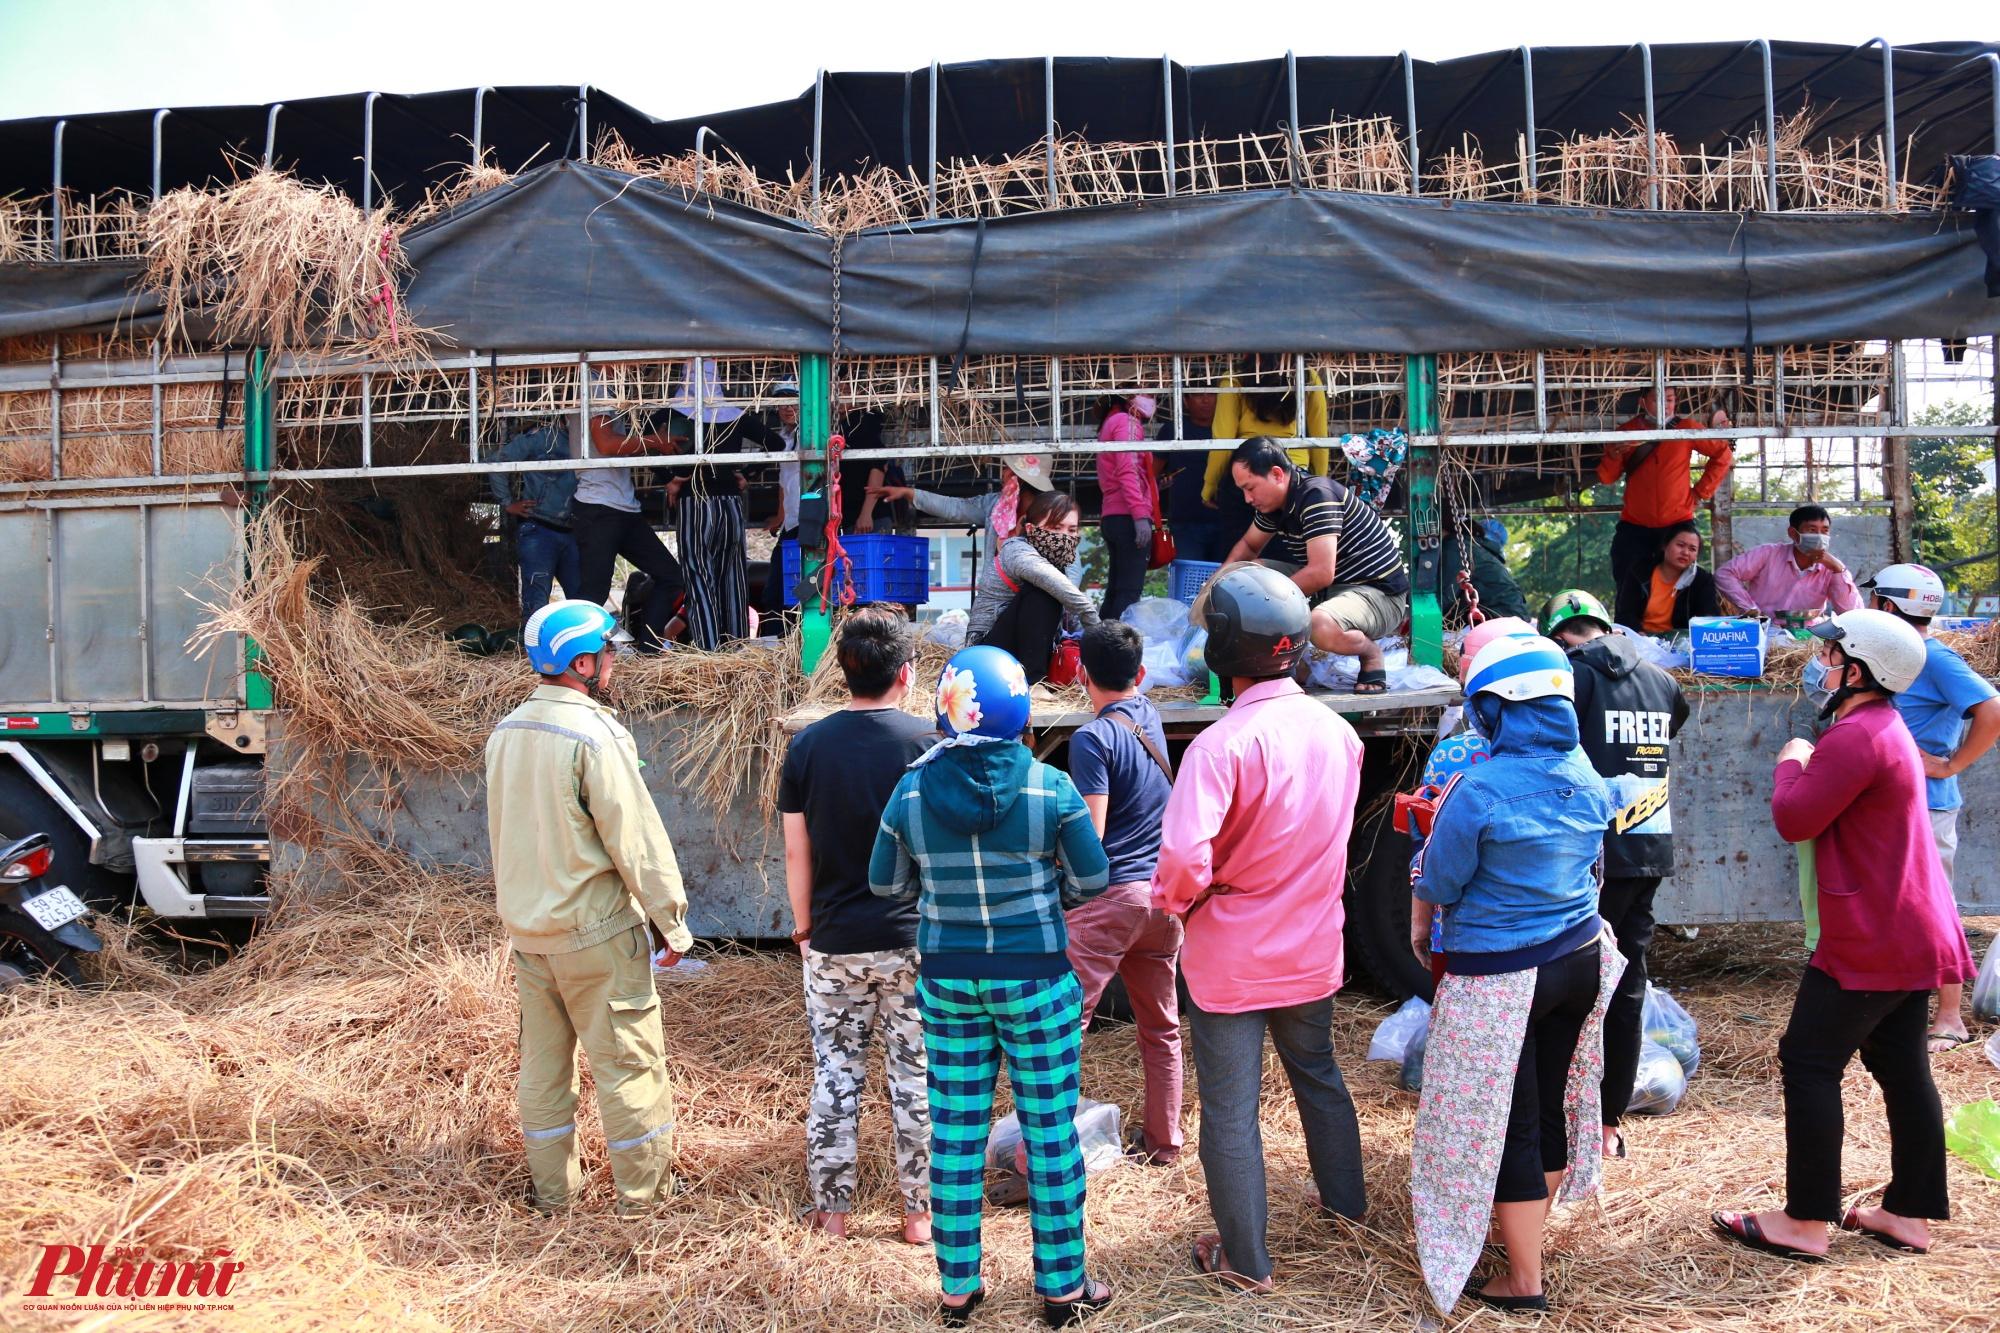 Trong khi đó, nhiều người dân chờ đợi mua dưa hấu giá rẻ ở đường Đỗ Xuân Hợp quận 9, xe tải chở khoảng 25 tấn dưa hấu từ Gia Lai về TP.HCM